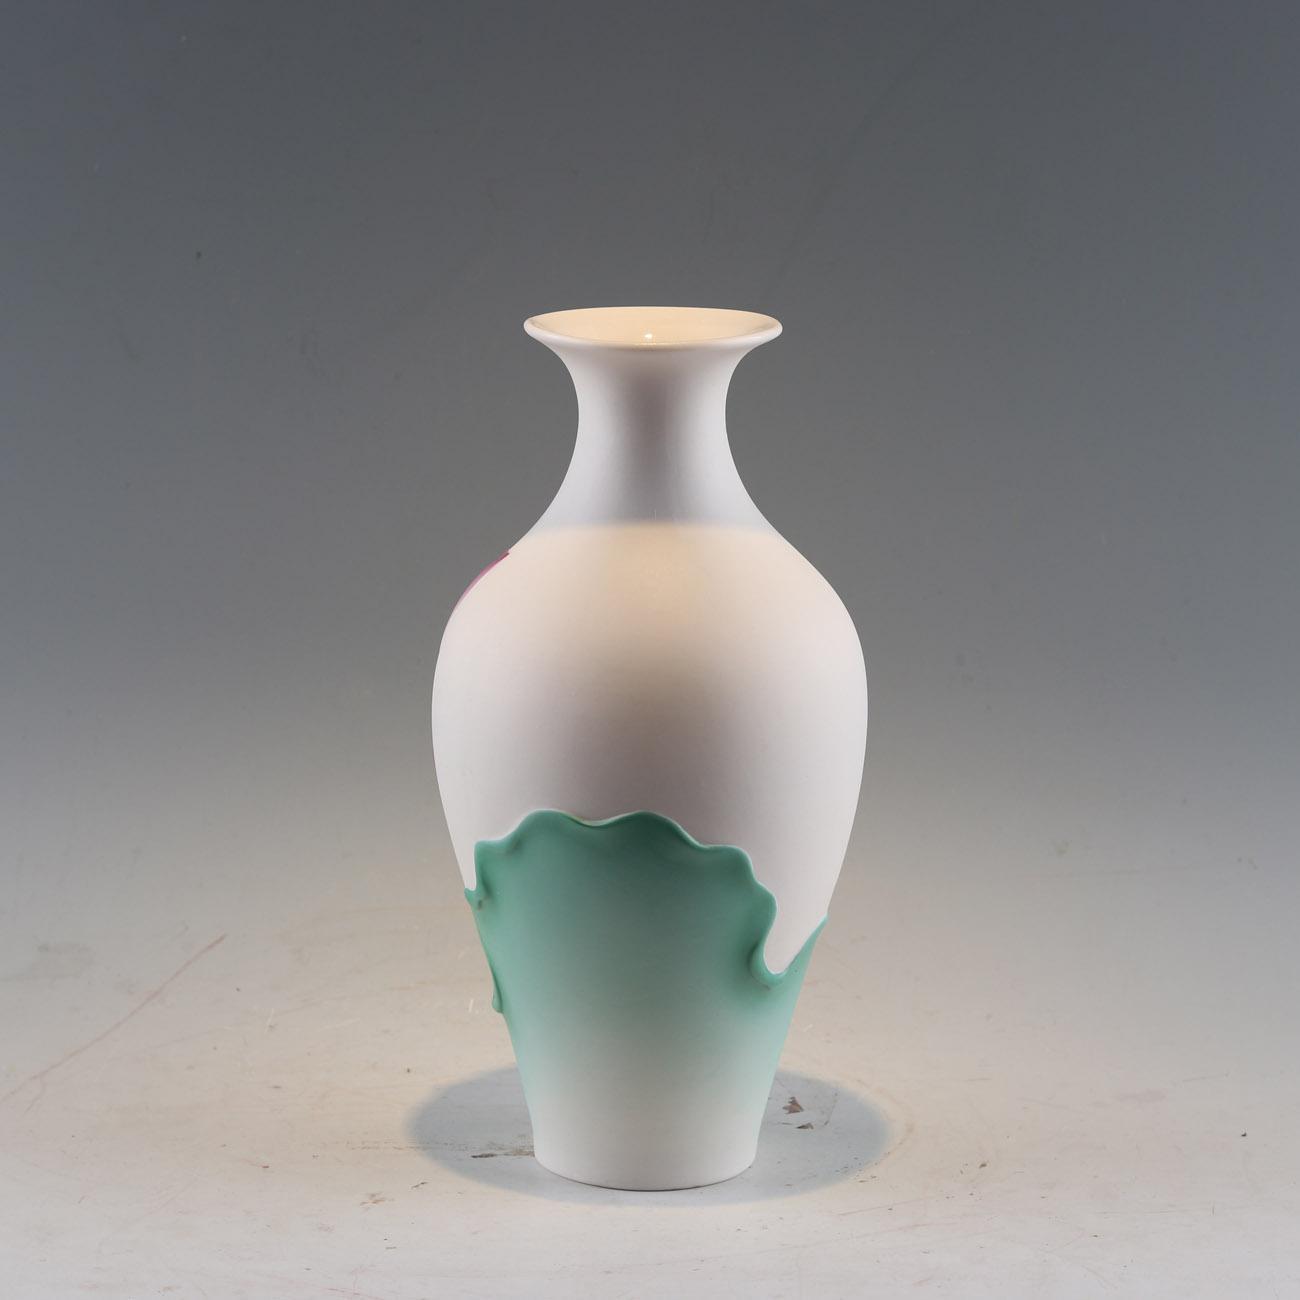 供應陶瓷蓮花花瓶中式家居裝飾品 4